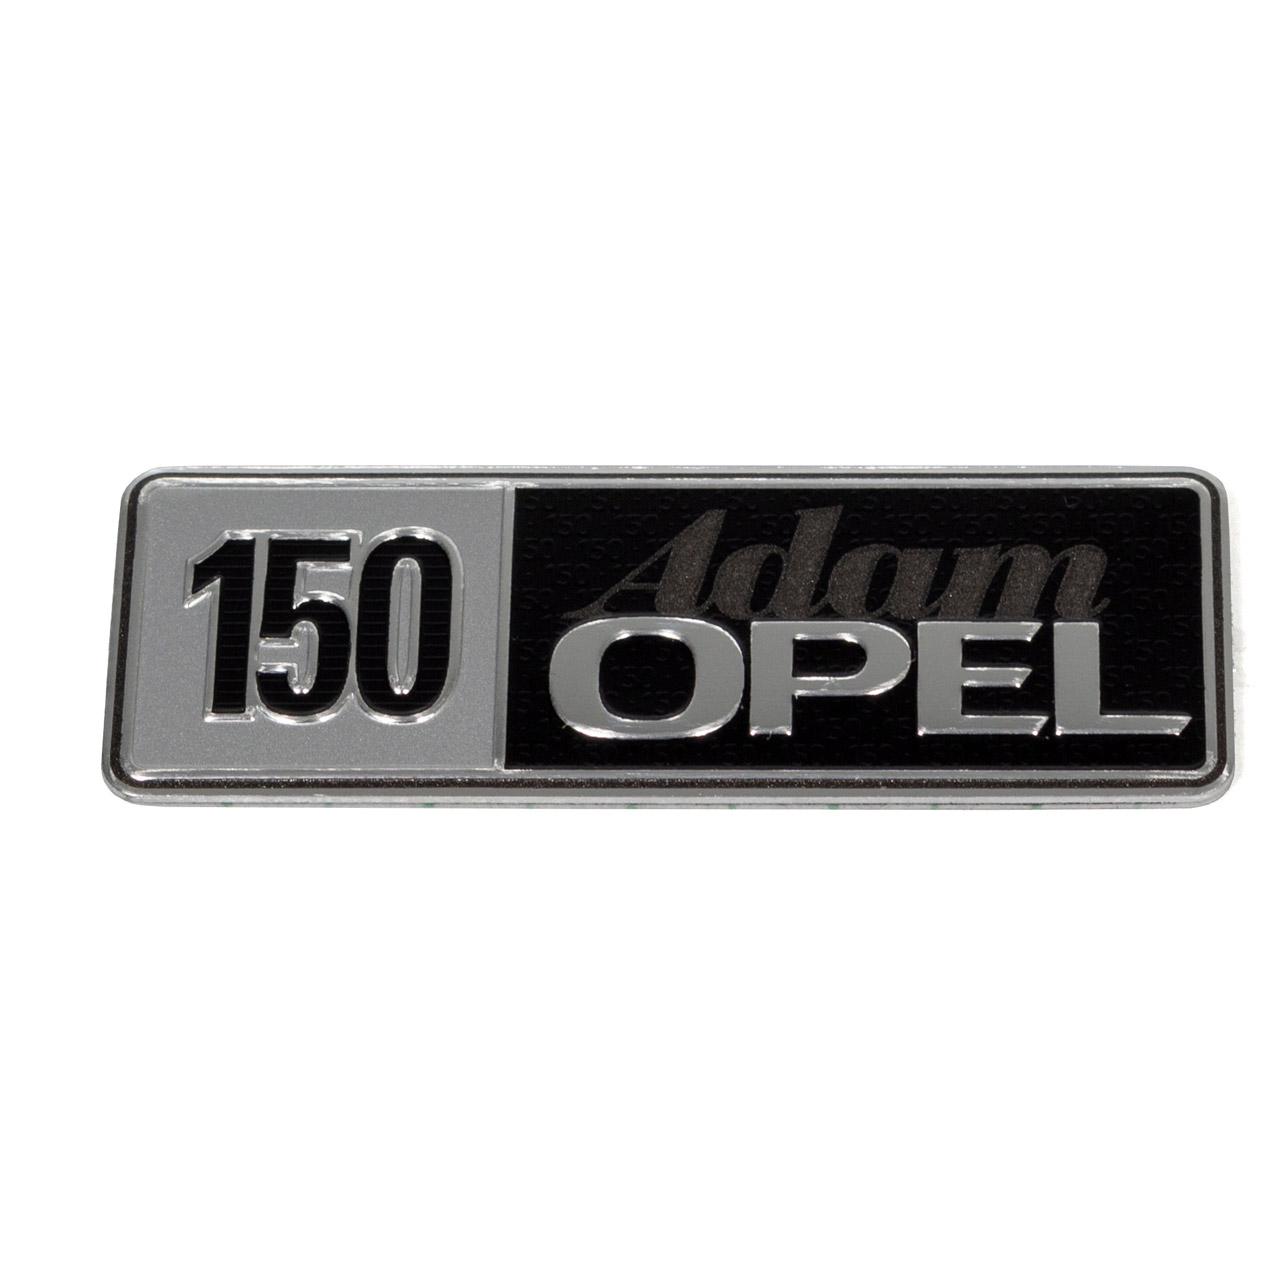 ORIGINAL Opel Emblem Schriftzug 150 JAHRE ASTRA J INSIGNIA A CORSA D 13380176